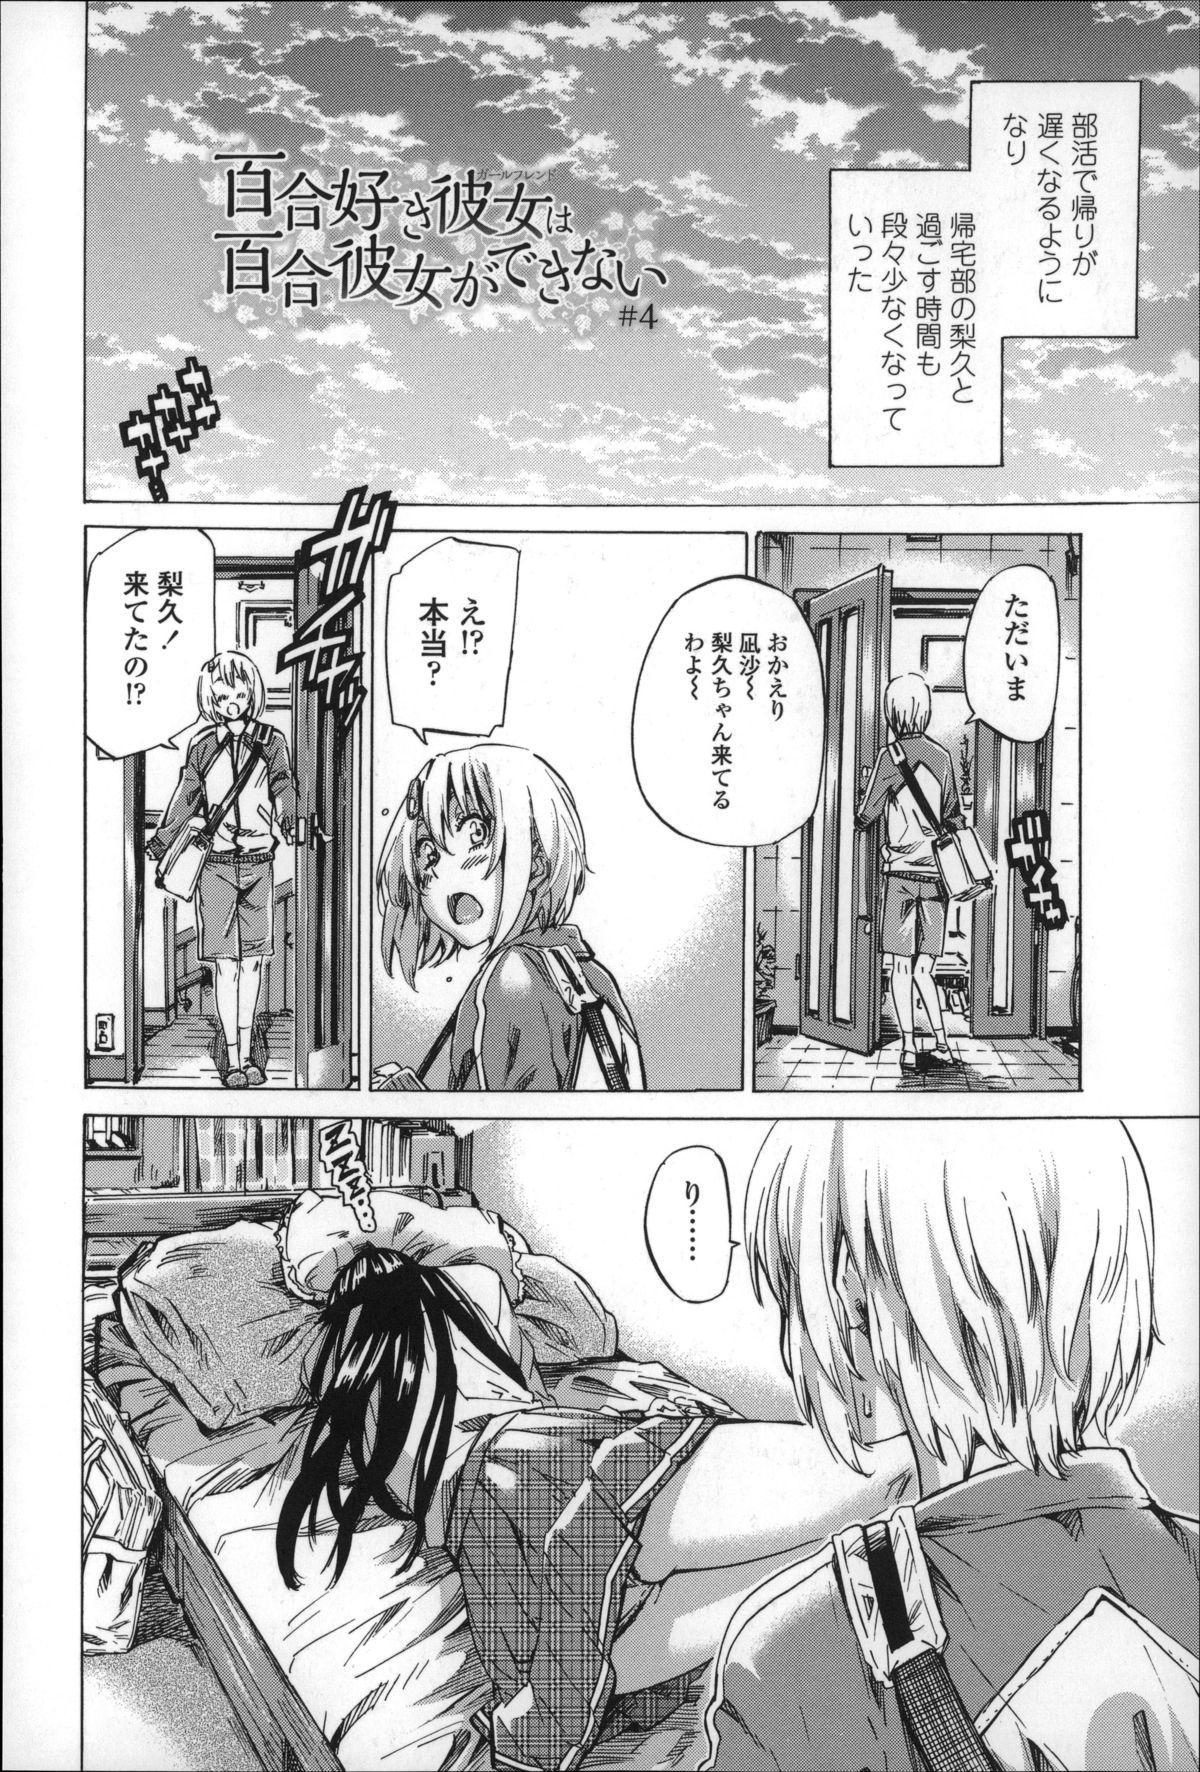 Choushin de Mukuchi no Kanojo ga Hatsujou Shite Kitara Eroiyo ne? 69